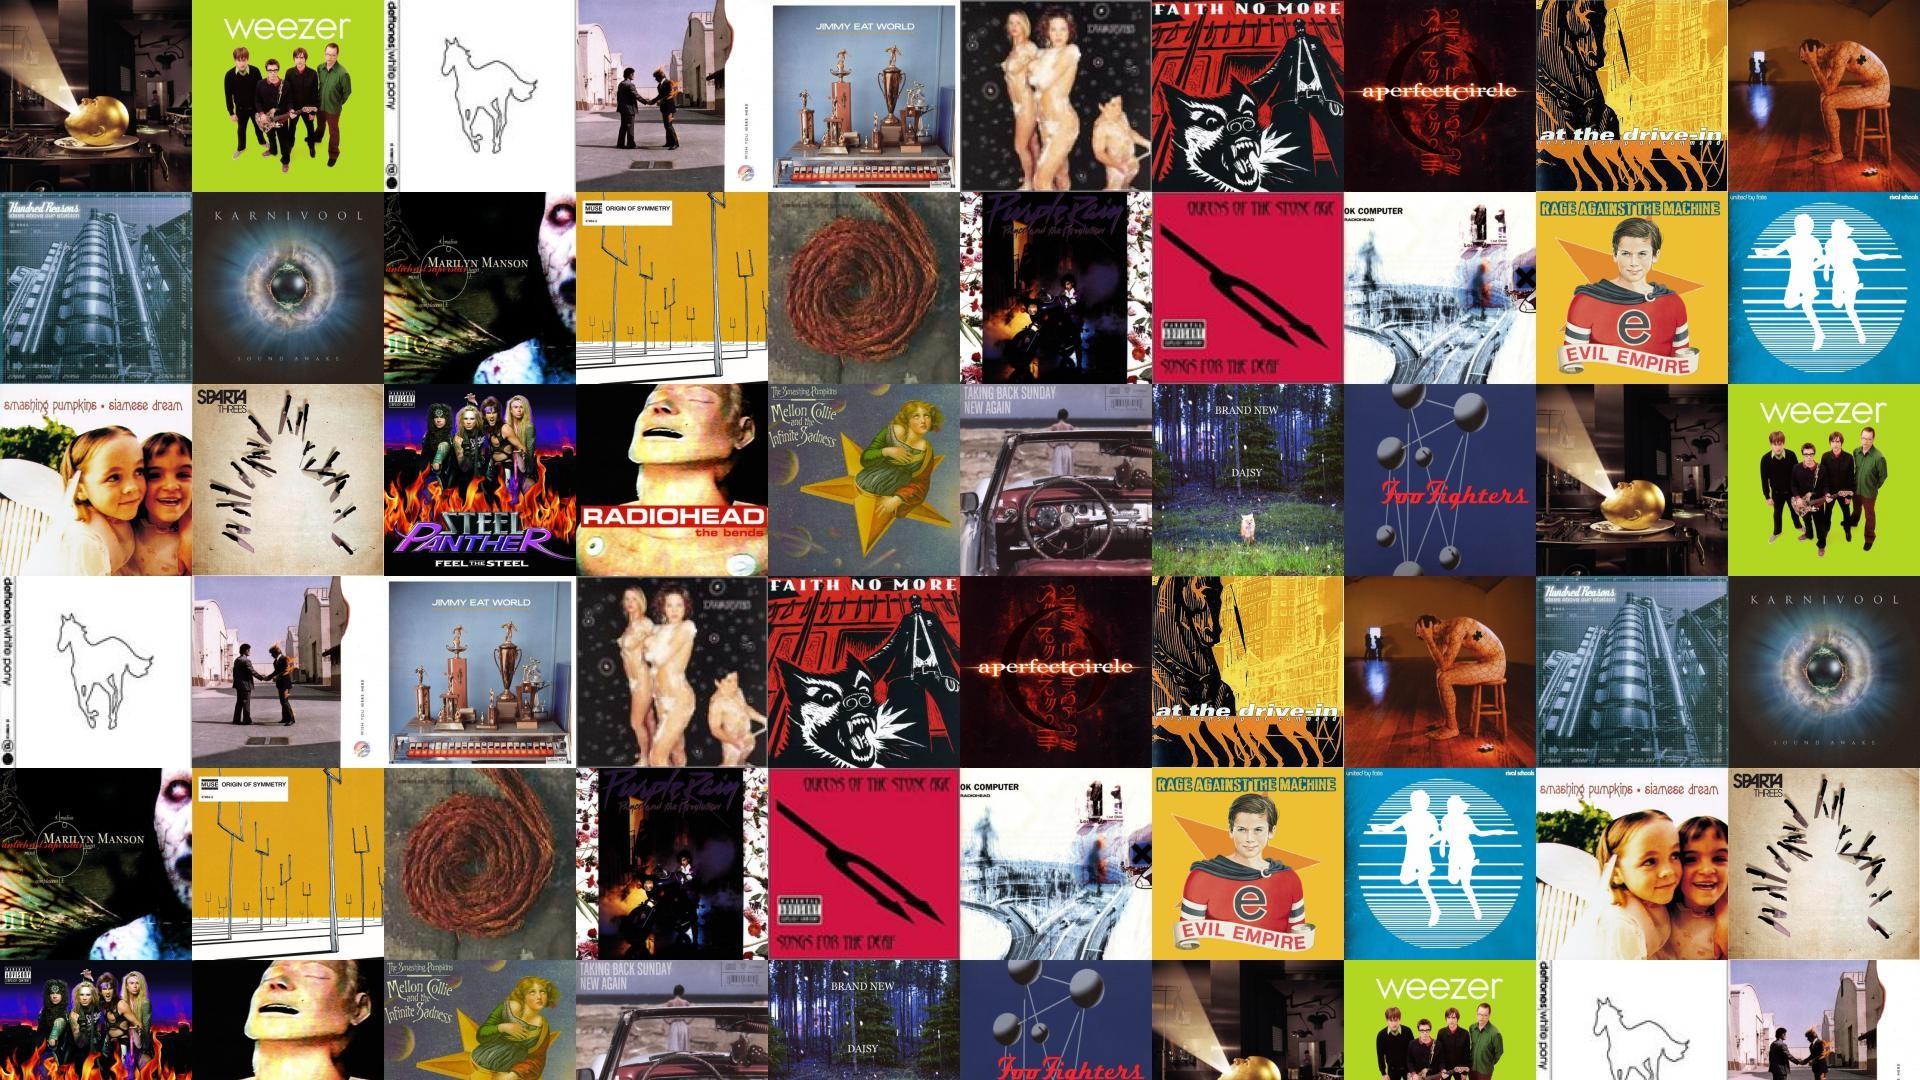 Mars Volta Deloused In Comatorium Weezer Green Deftones Wallpaper Â« Tiled  Desktop Wallpaper